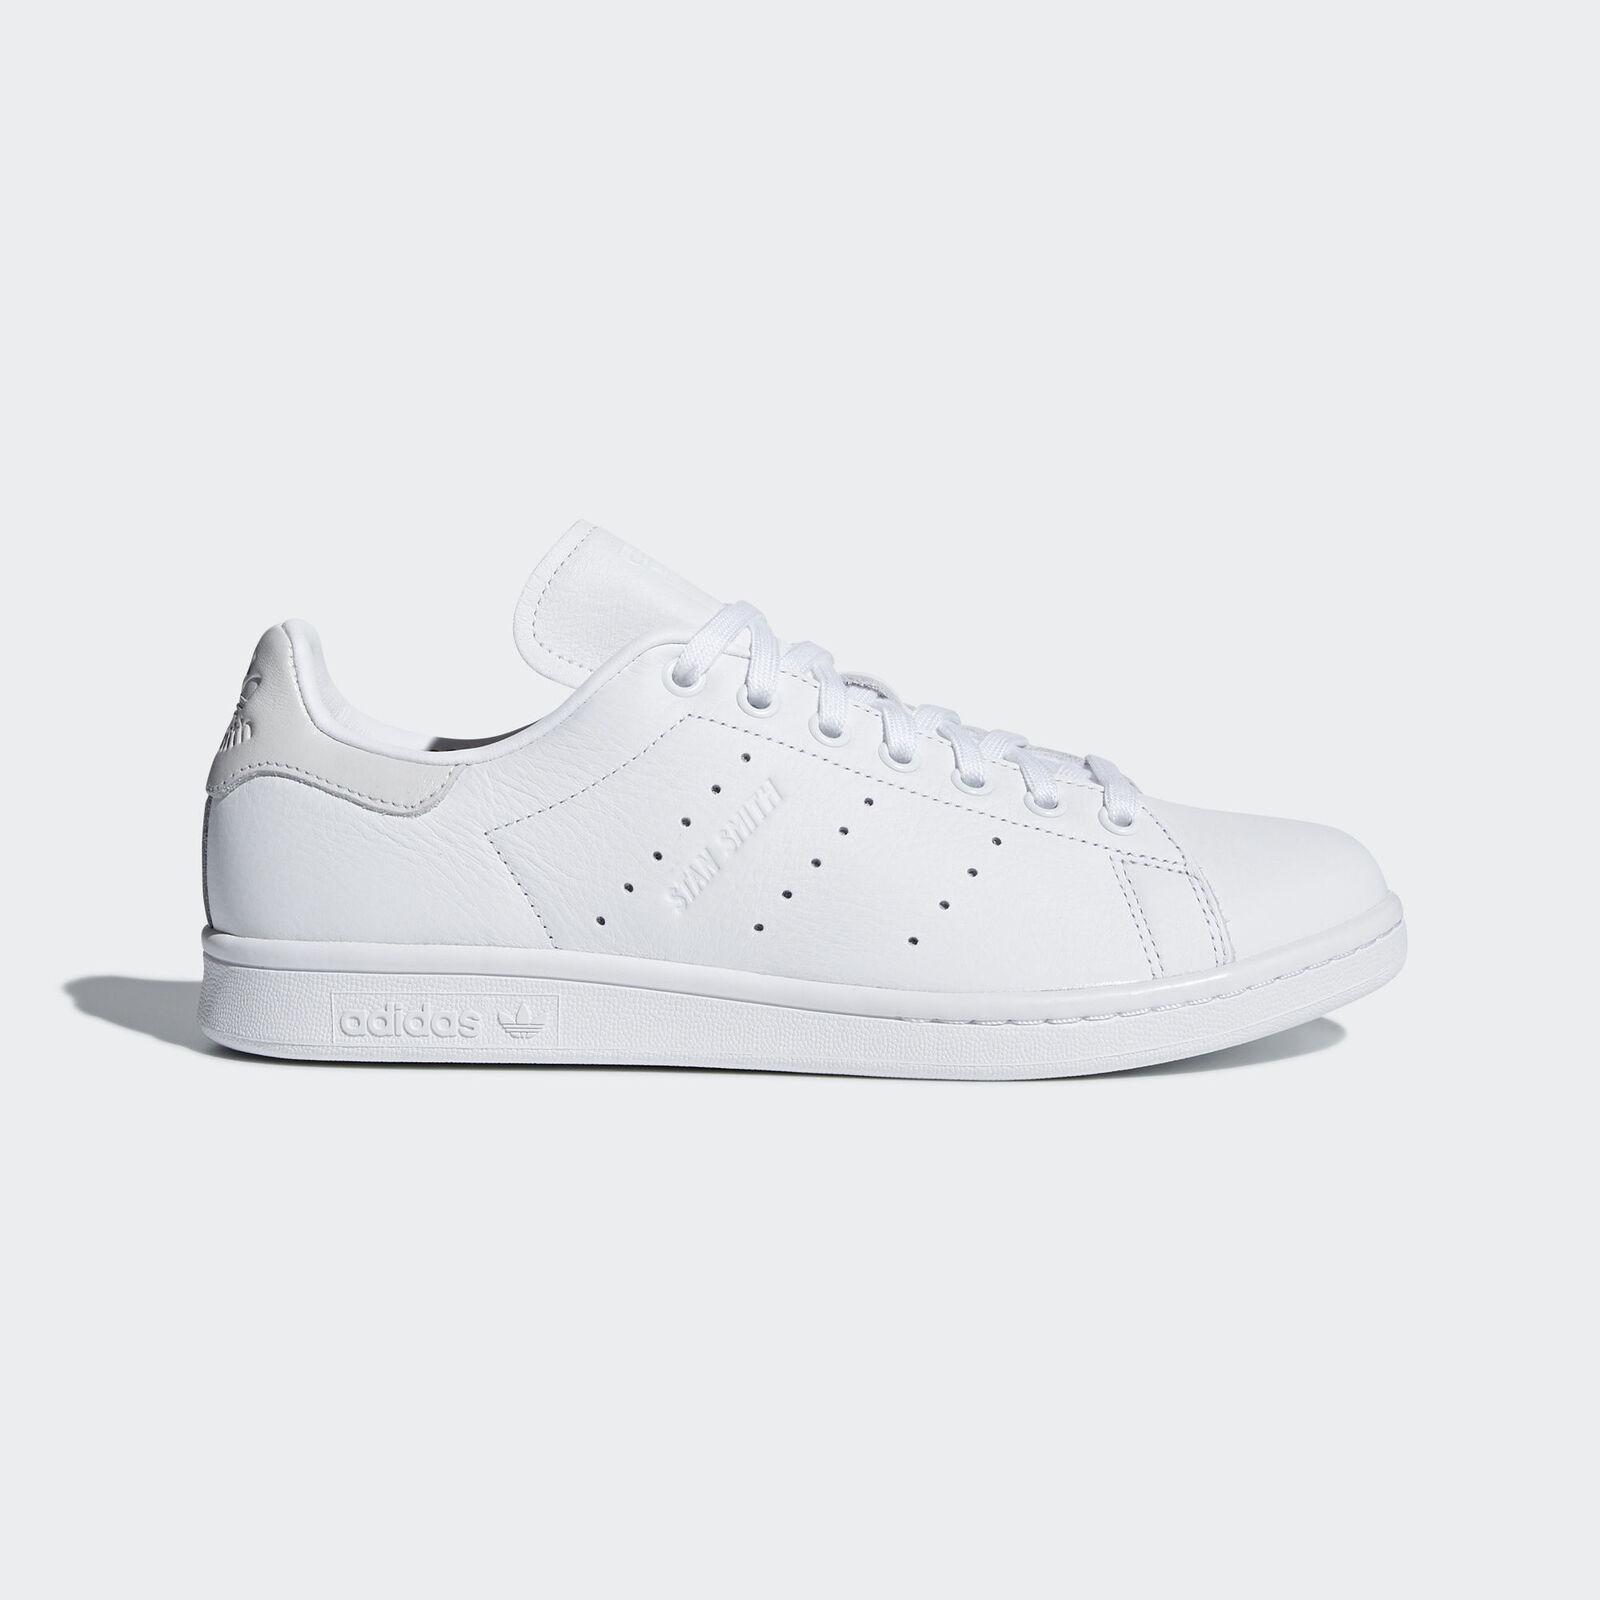 Adidas Originals Stan Smith la reducción del precio zapatos de los hombres casual zapatos precio blanco / blanco 5064af